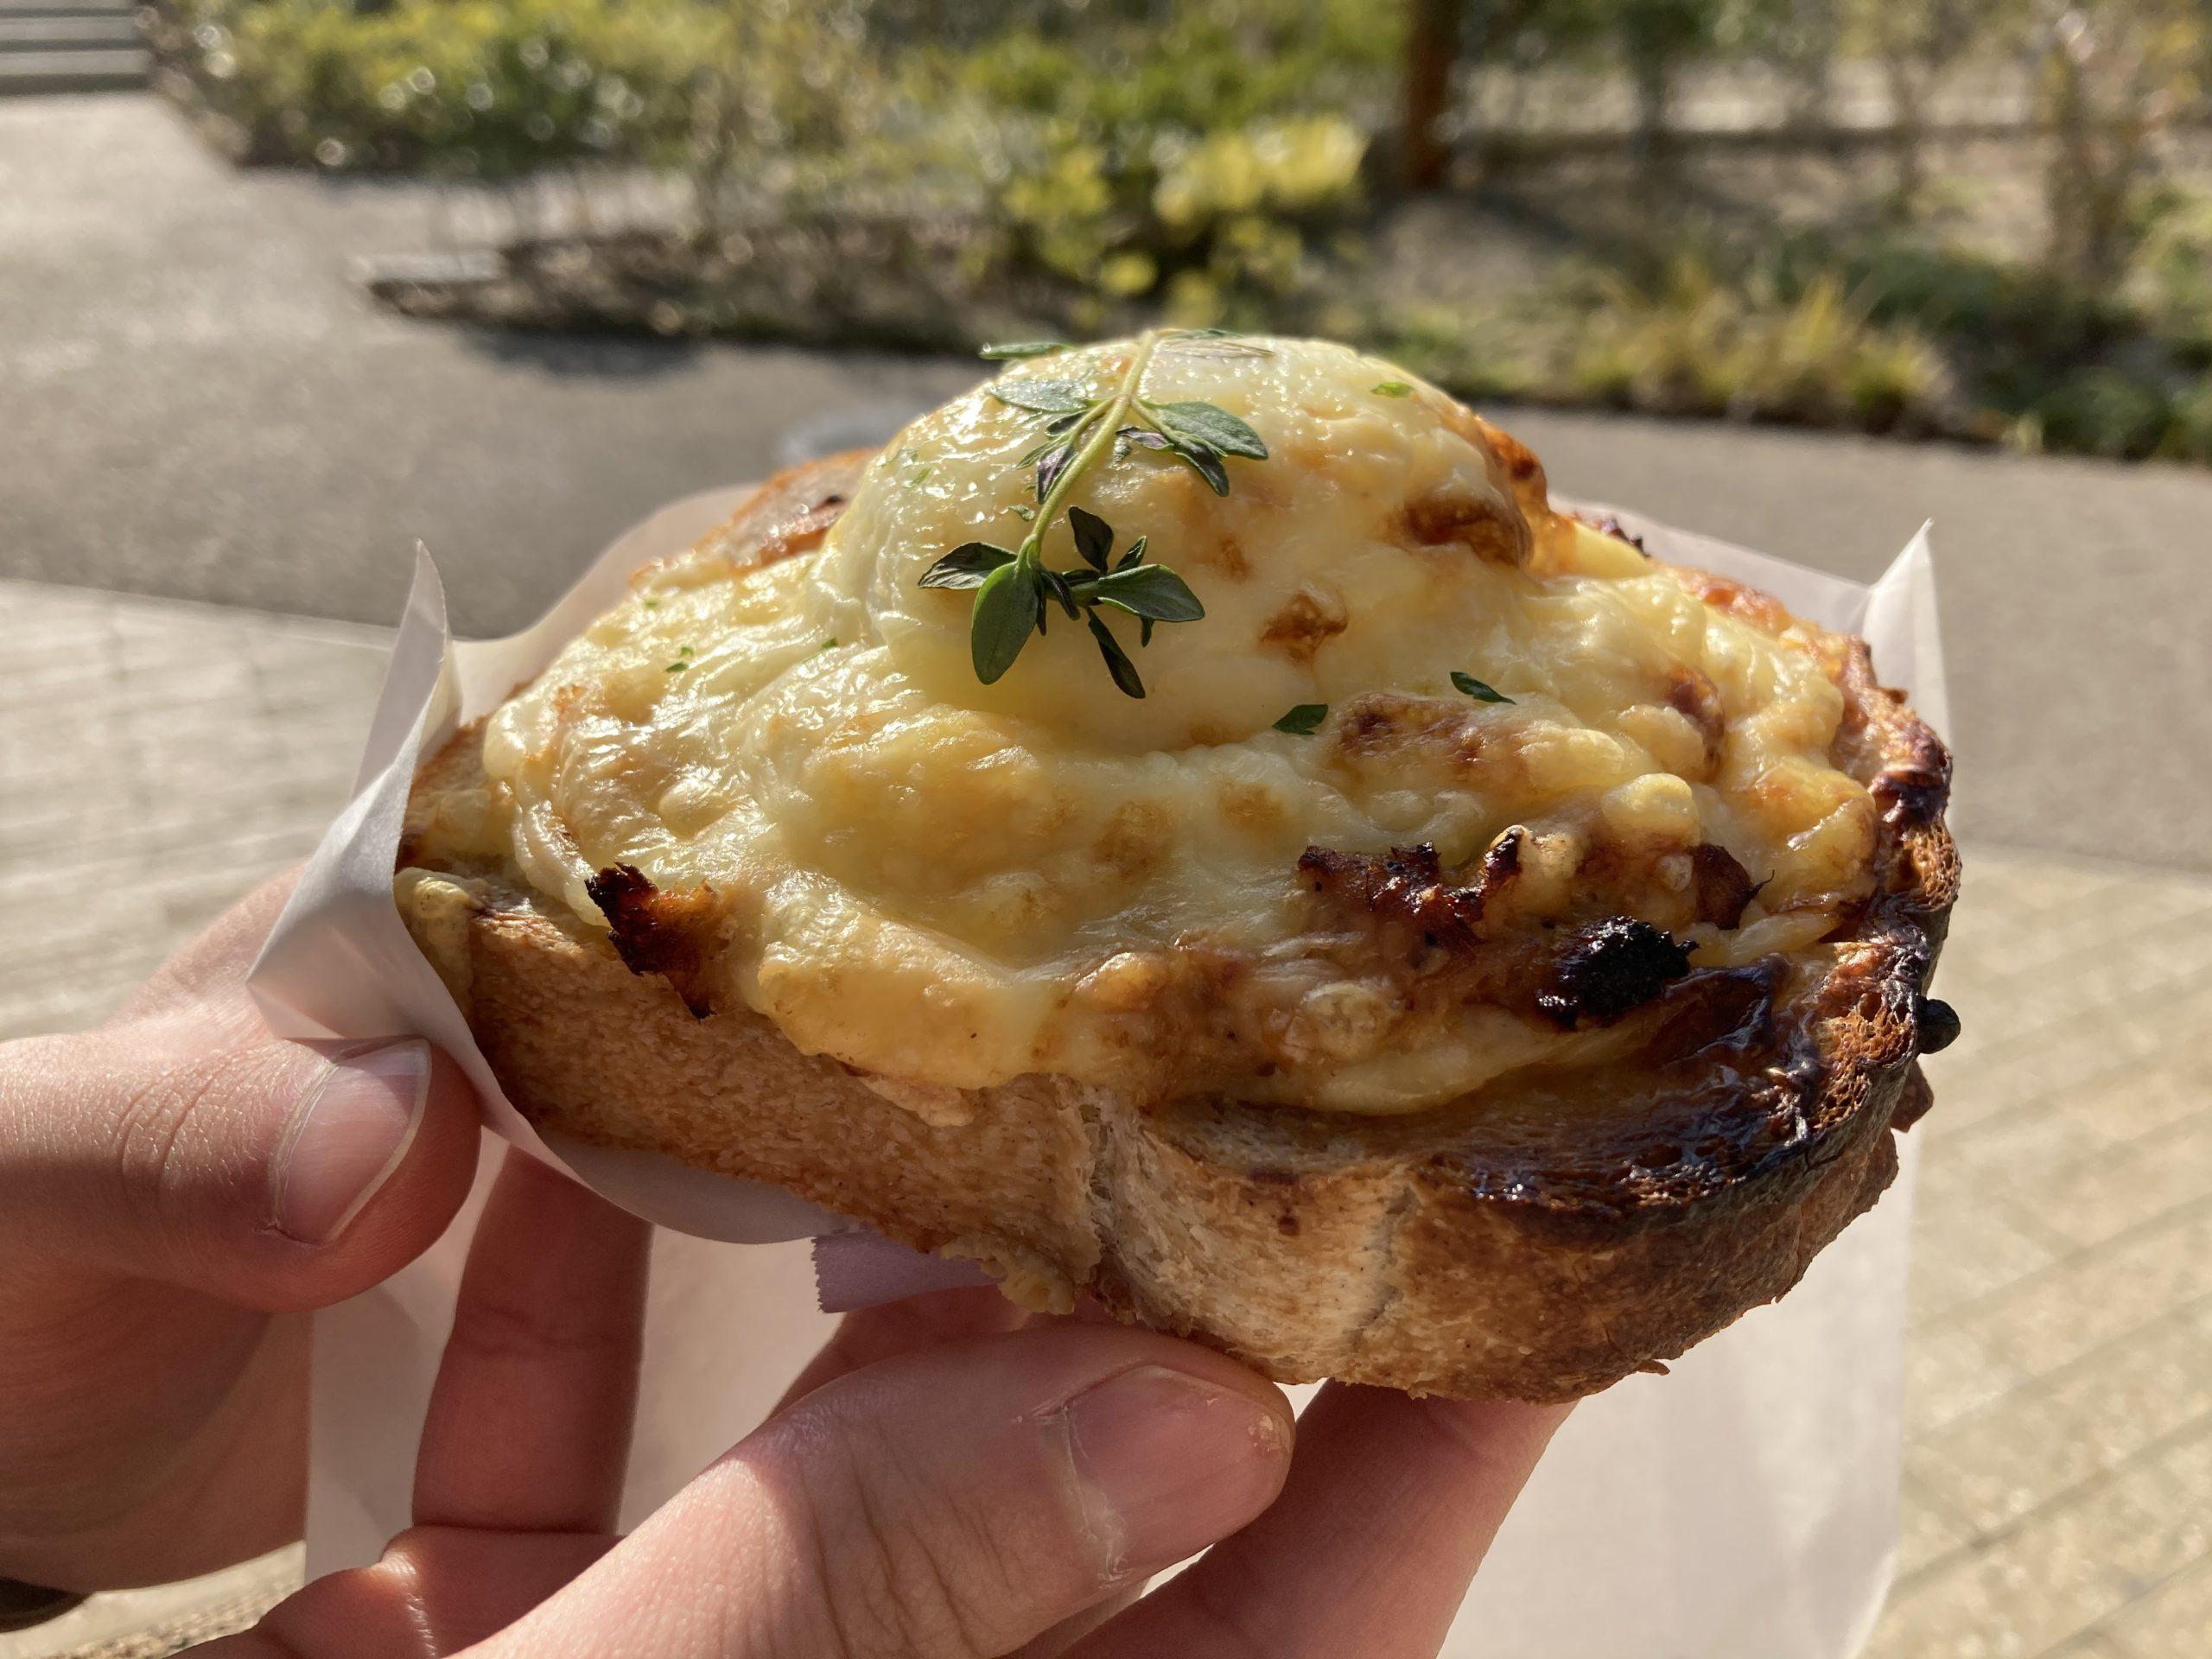 上前津|パン食生活で日常を彩る!パンの味を引き立てる具材たっぷりのサンドが楽しめるパン屋